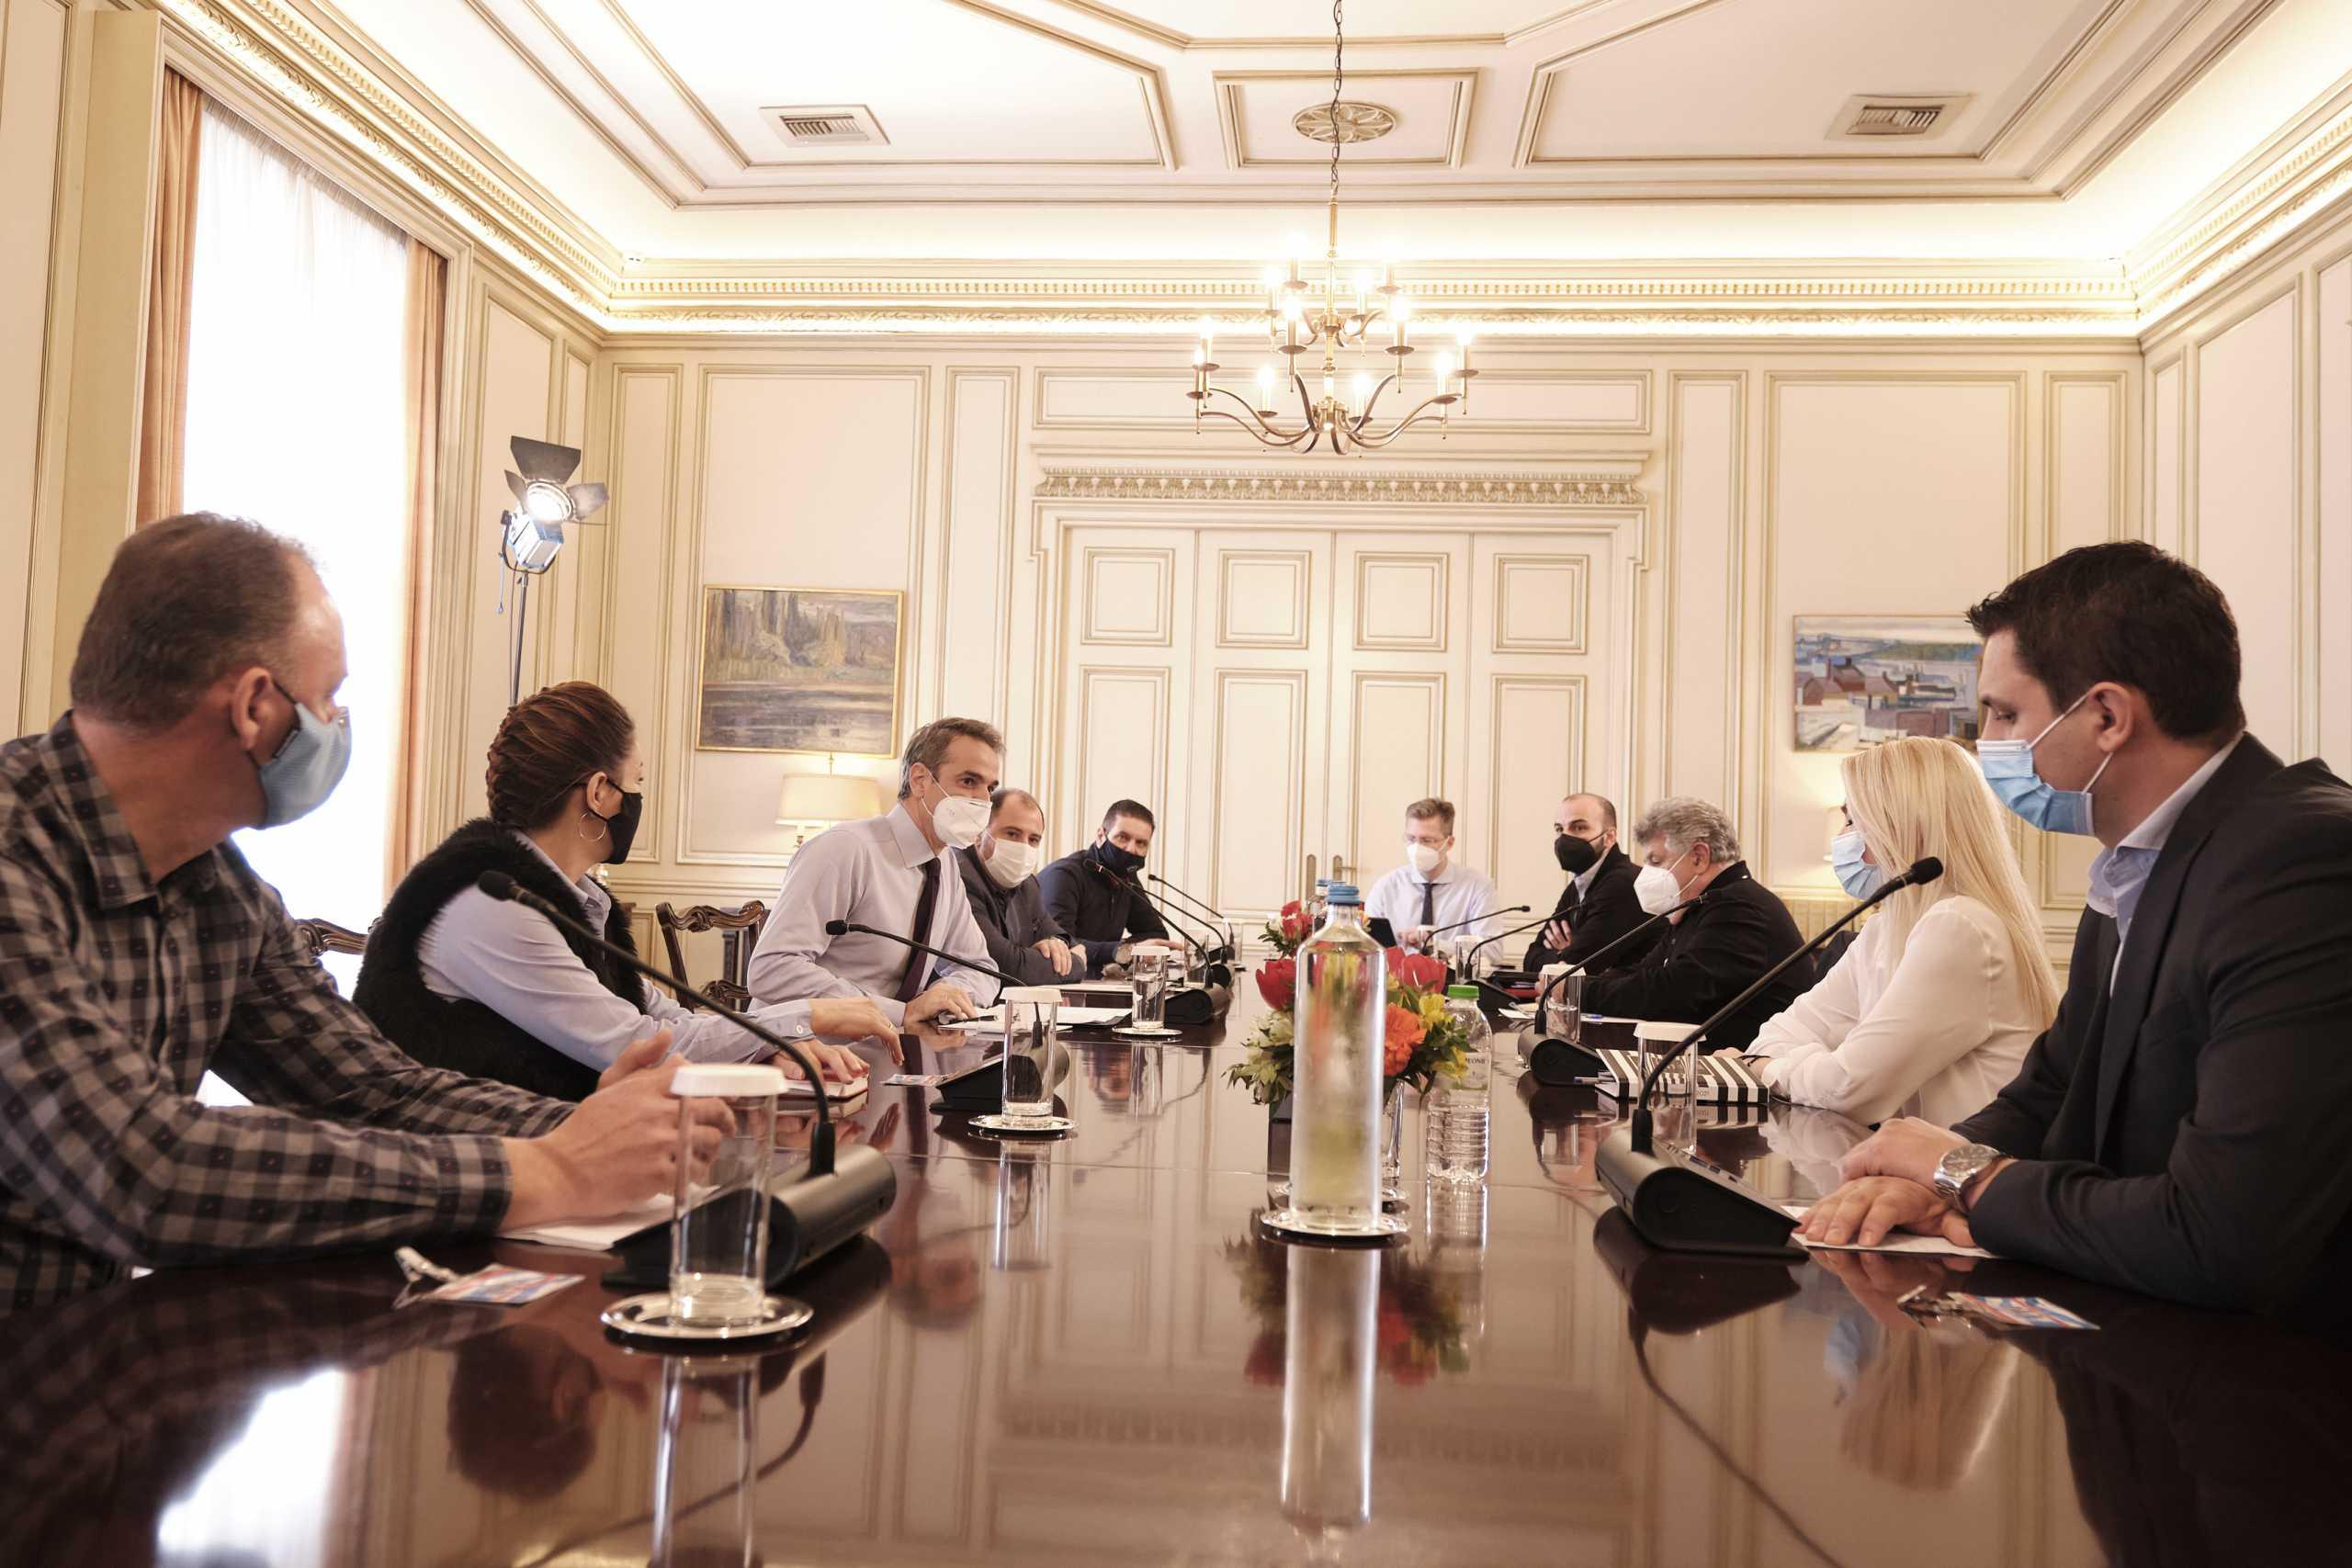 Επιπλέον μέτρα για την εστίαση ανακοίνωσε σε επαγγελματίες του κλάδου ο πρωθυπουργός